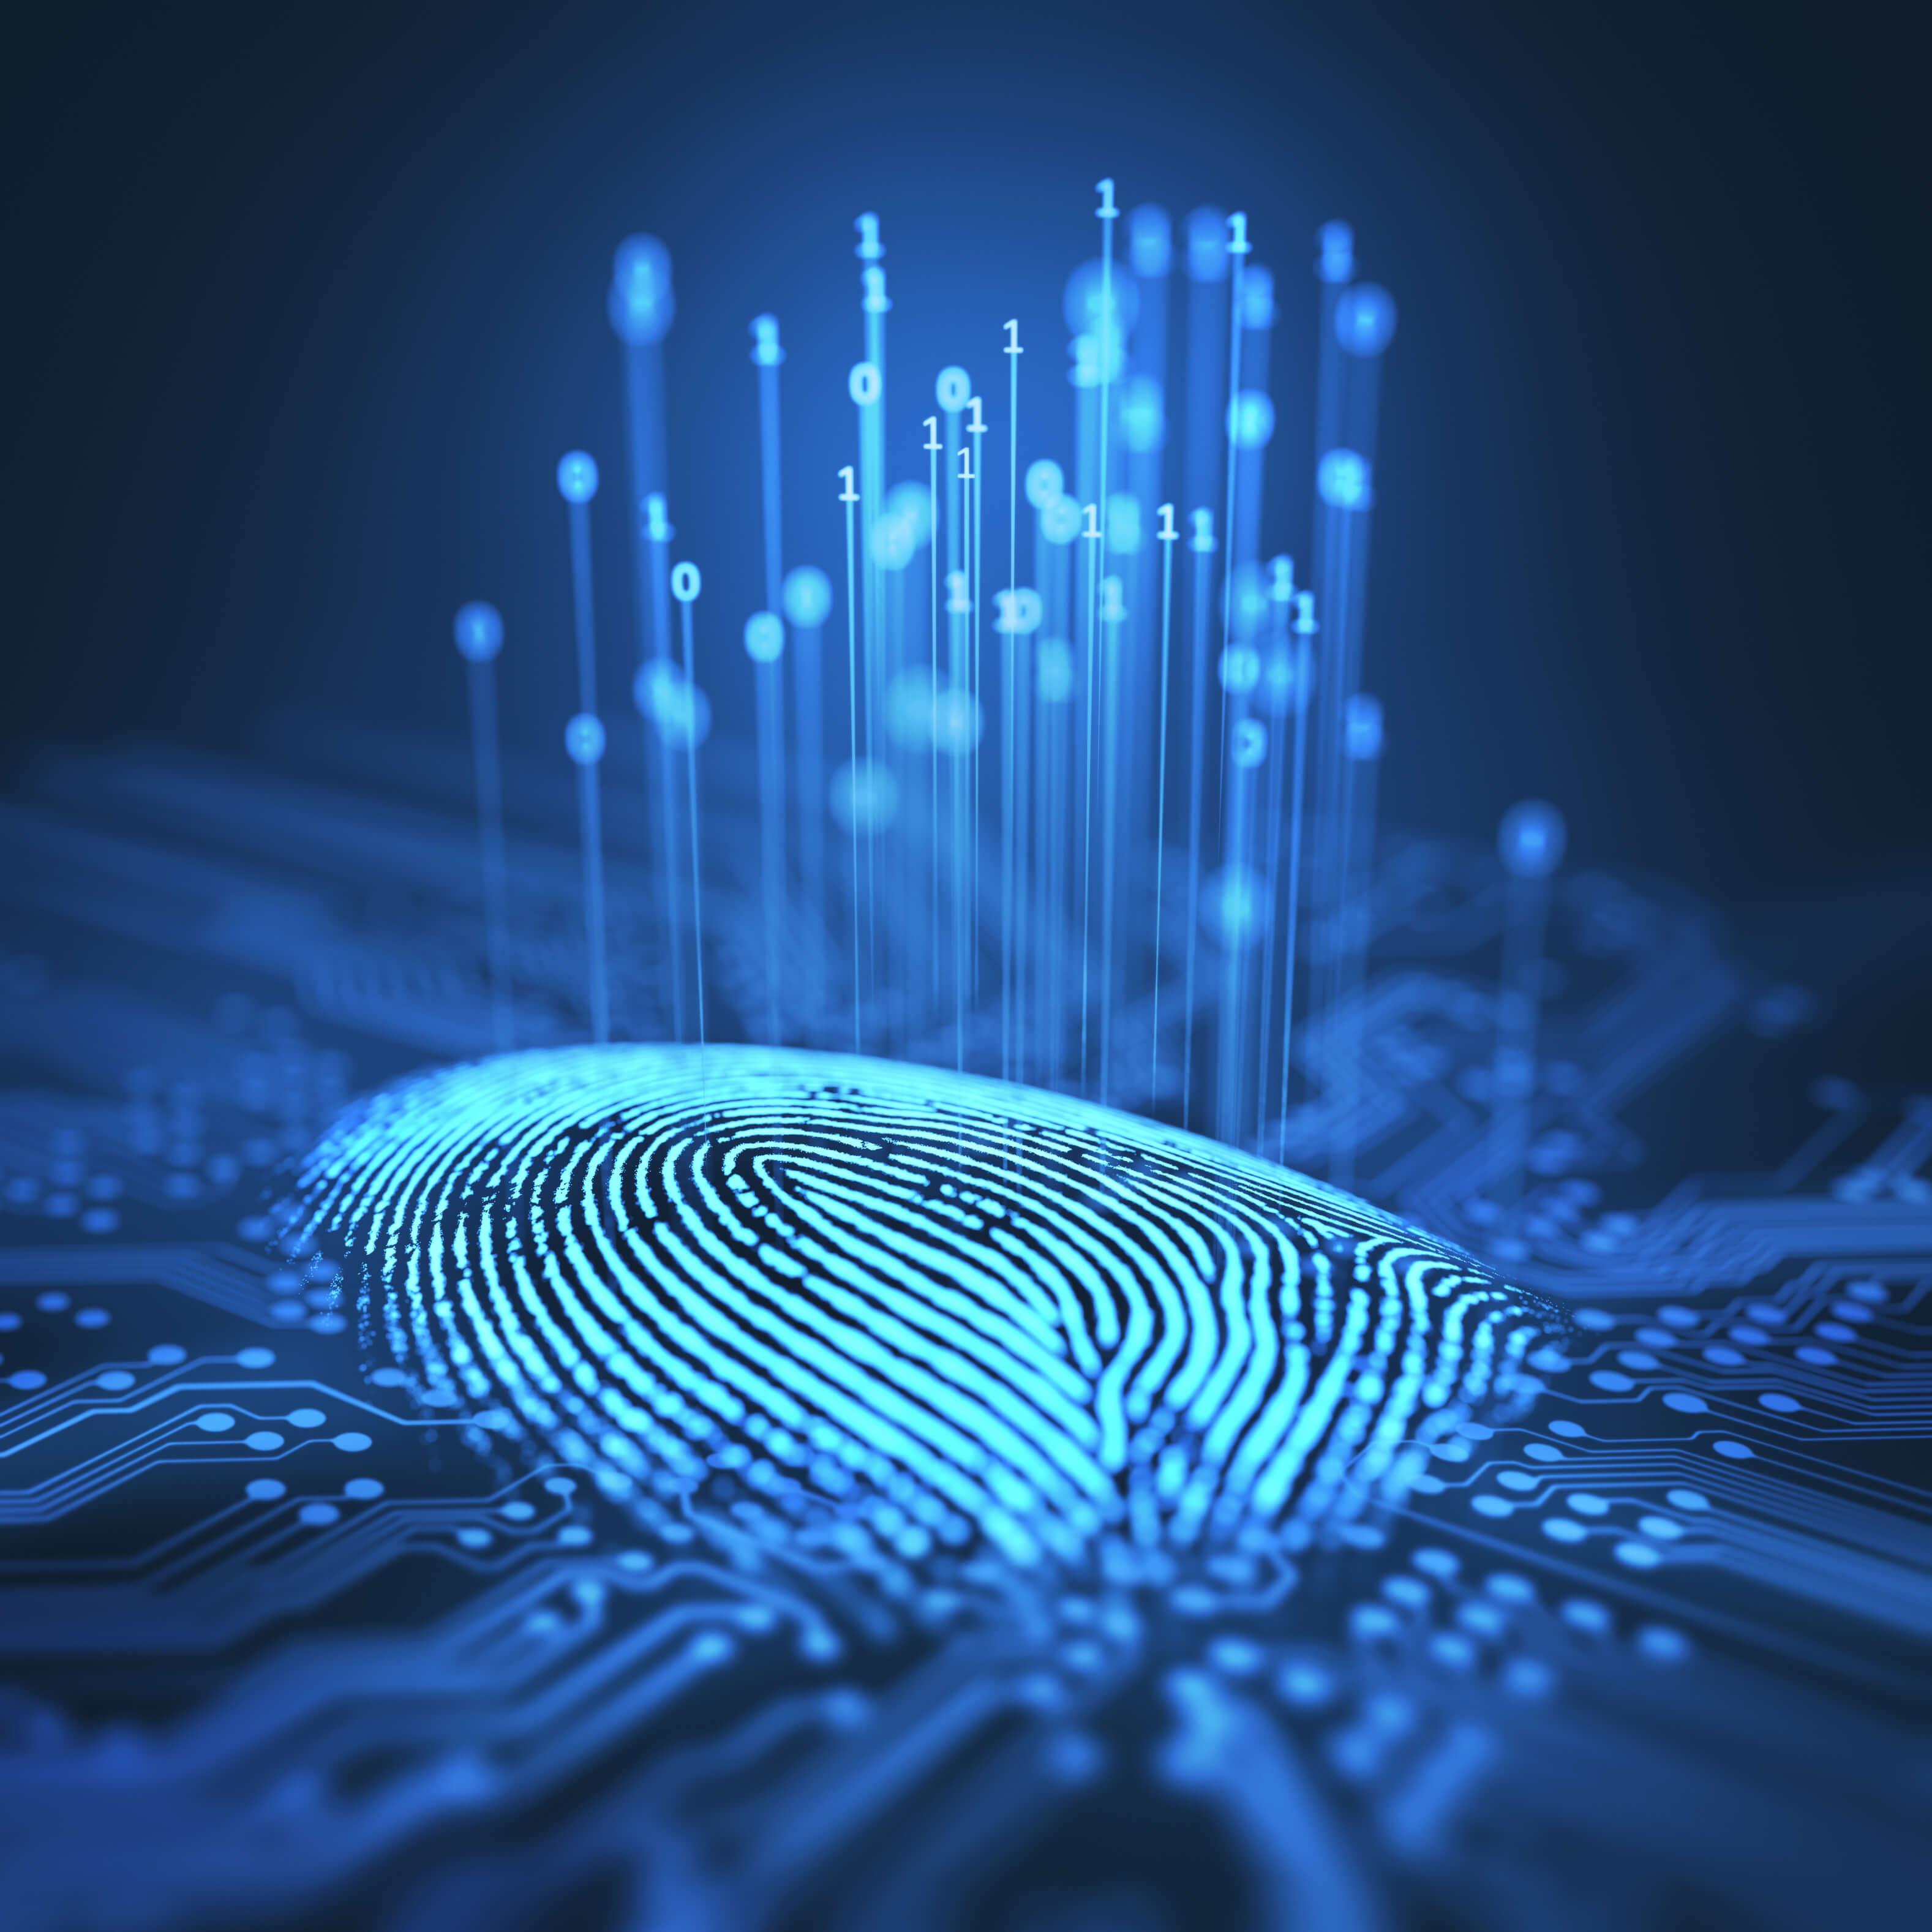 Analys Precise Biometrics: Rekordstarkt fjärde kvartal